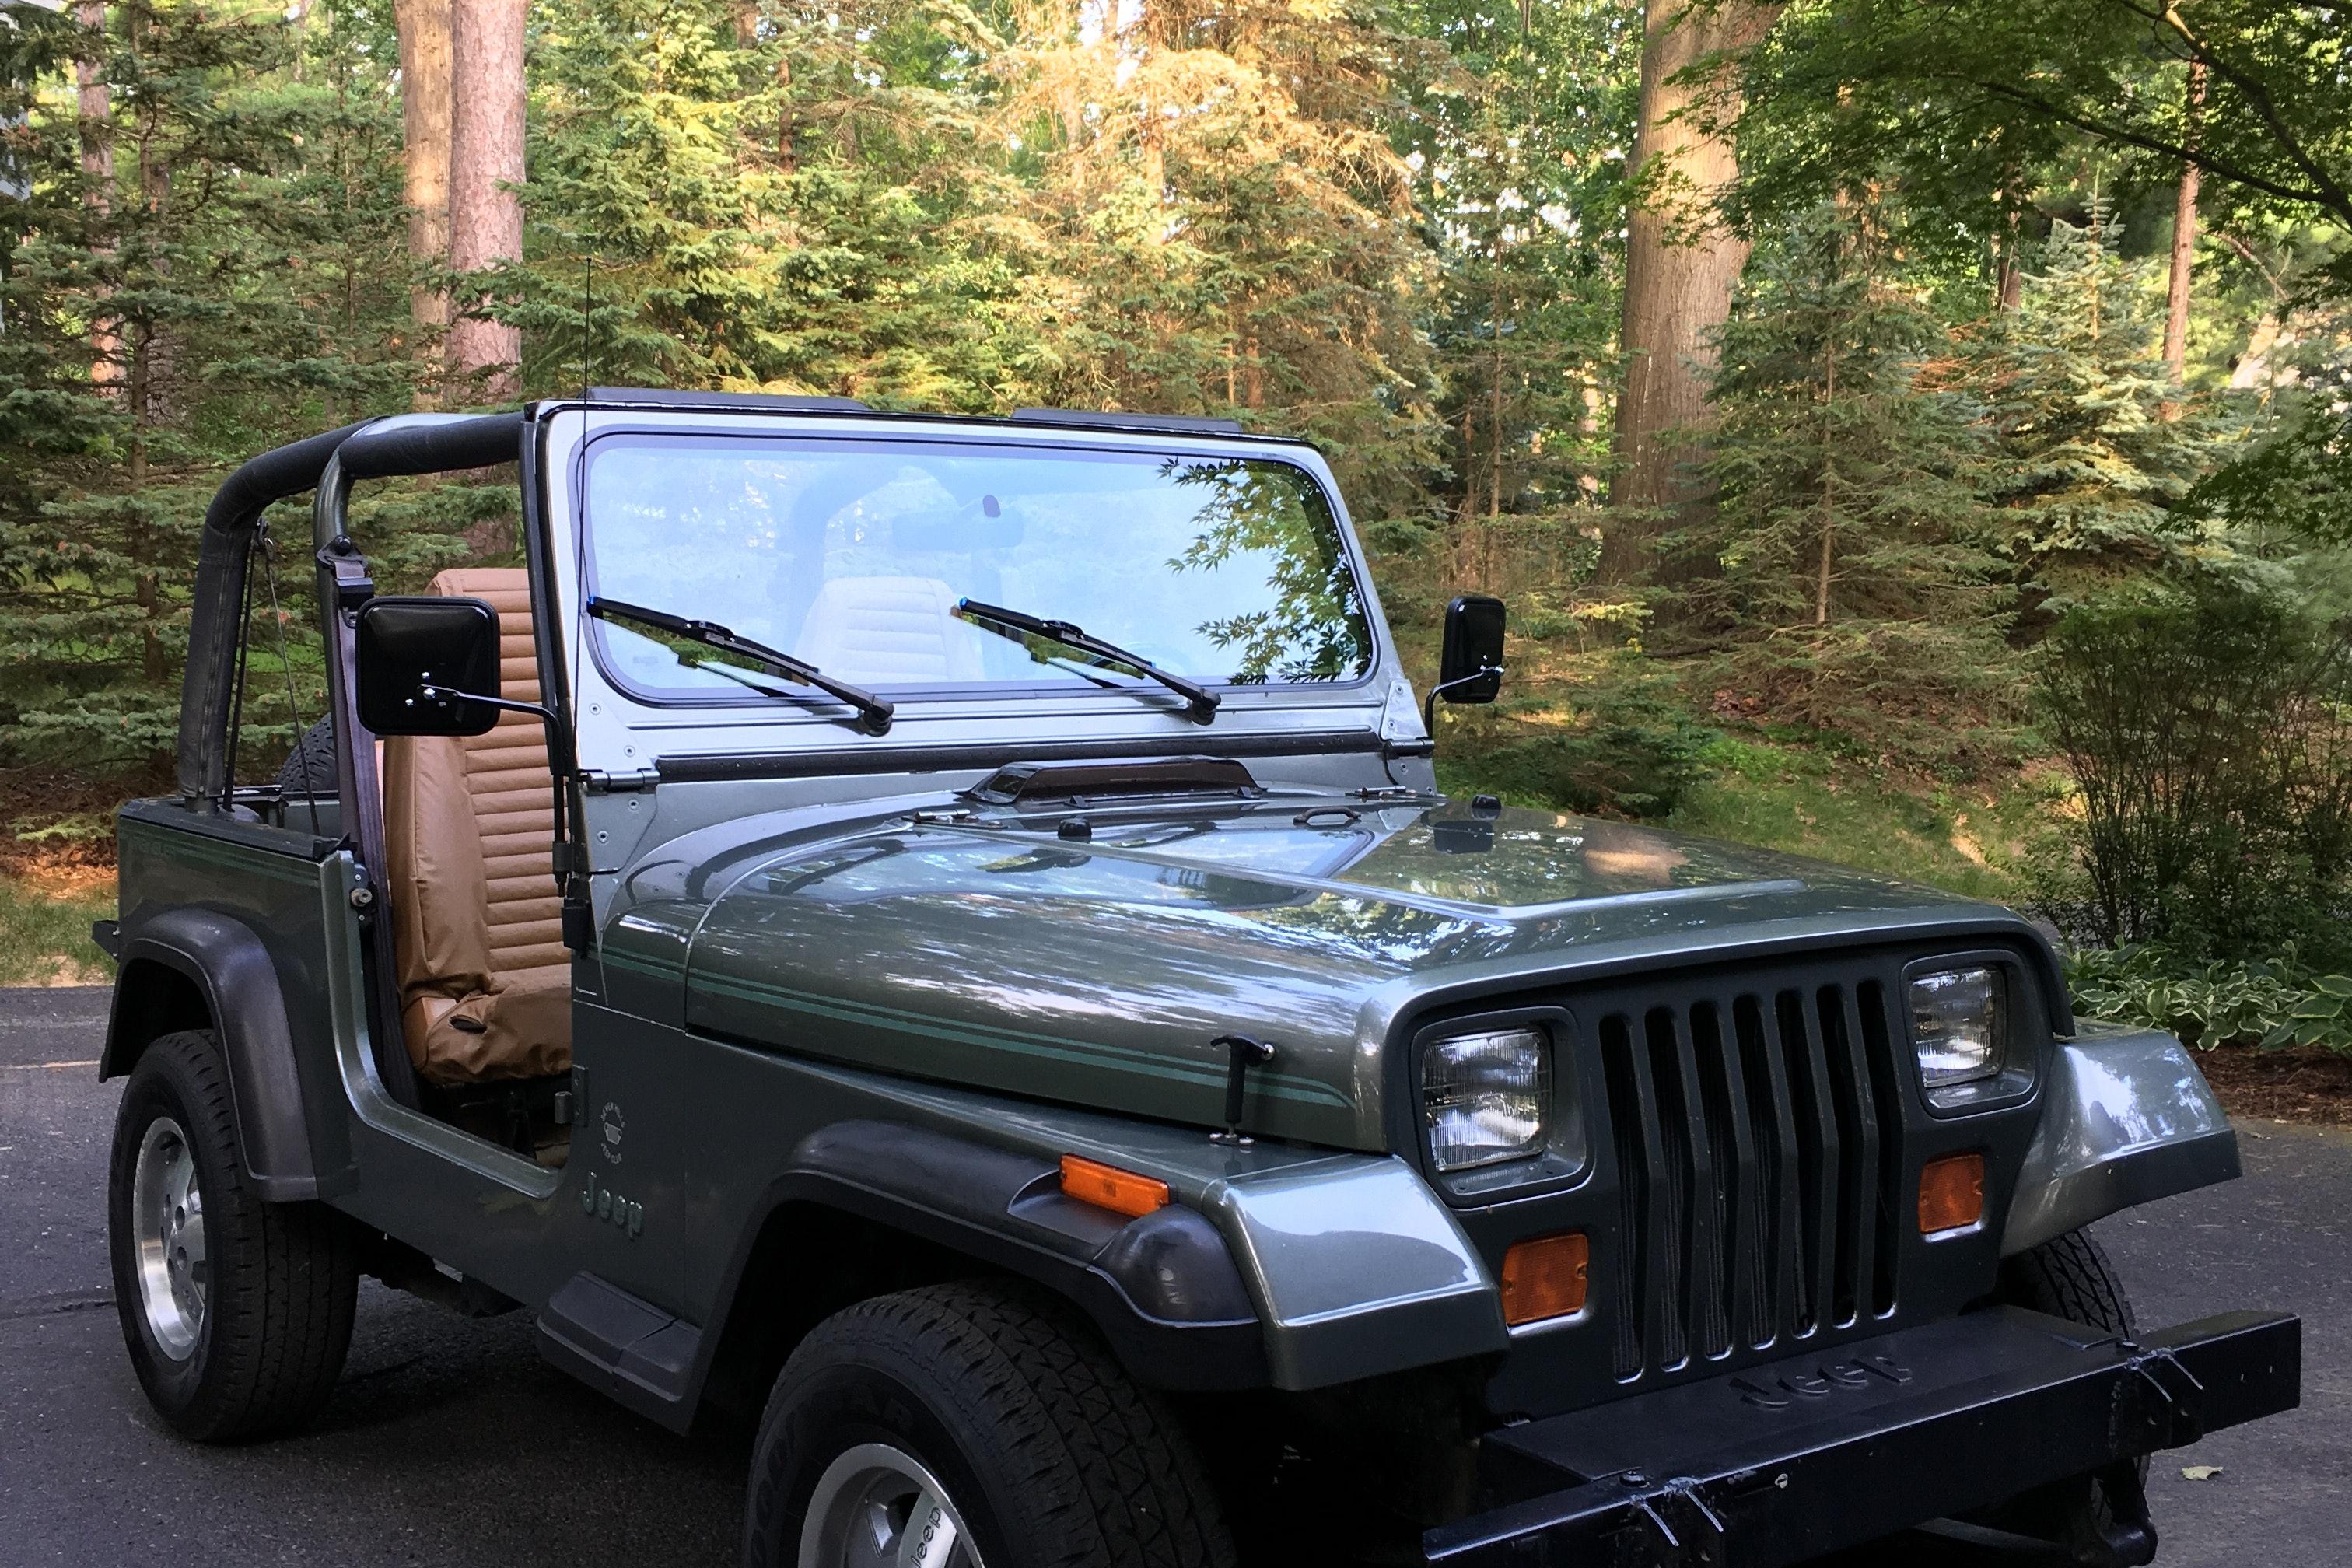 1992 Jeep (YJ) Wrangler